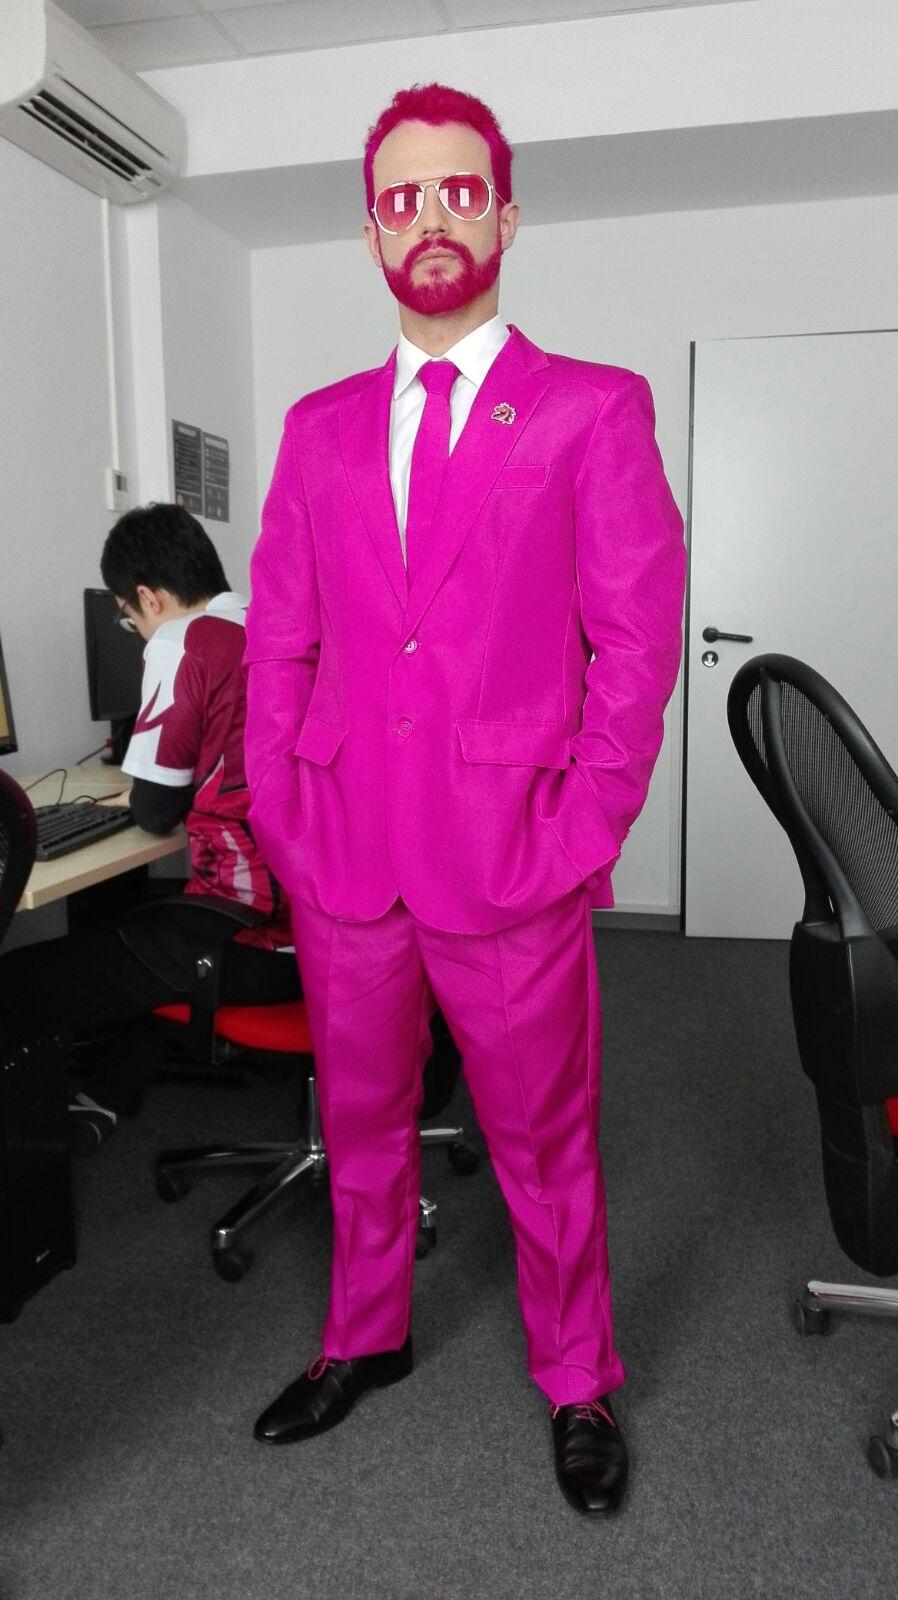 брат пацан в розовом костюме моделью